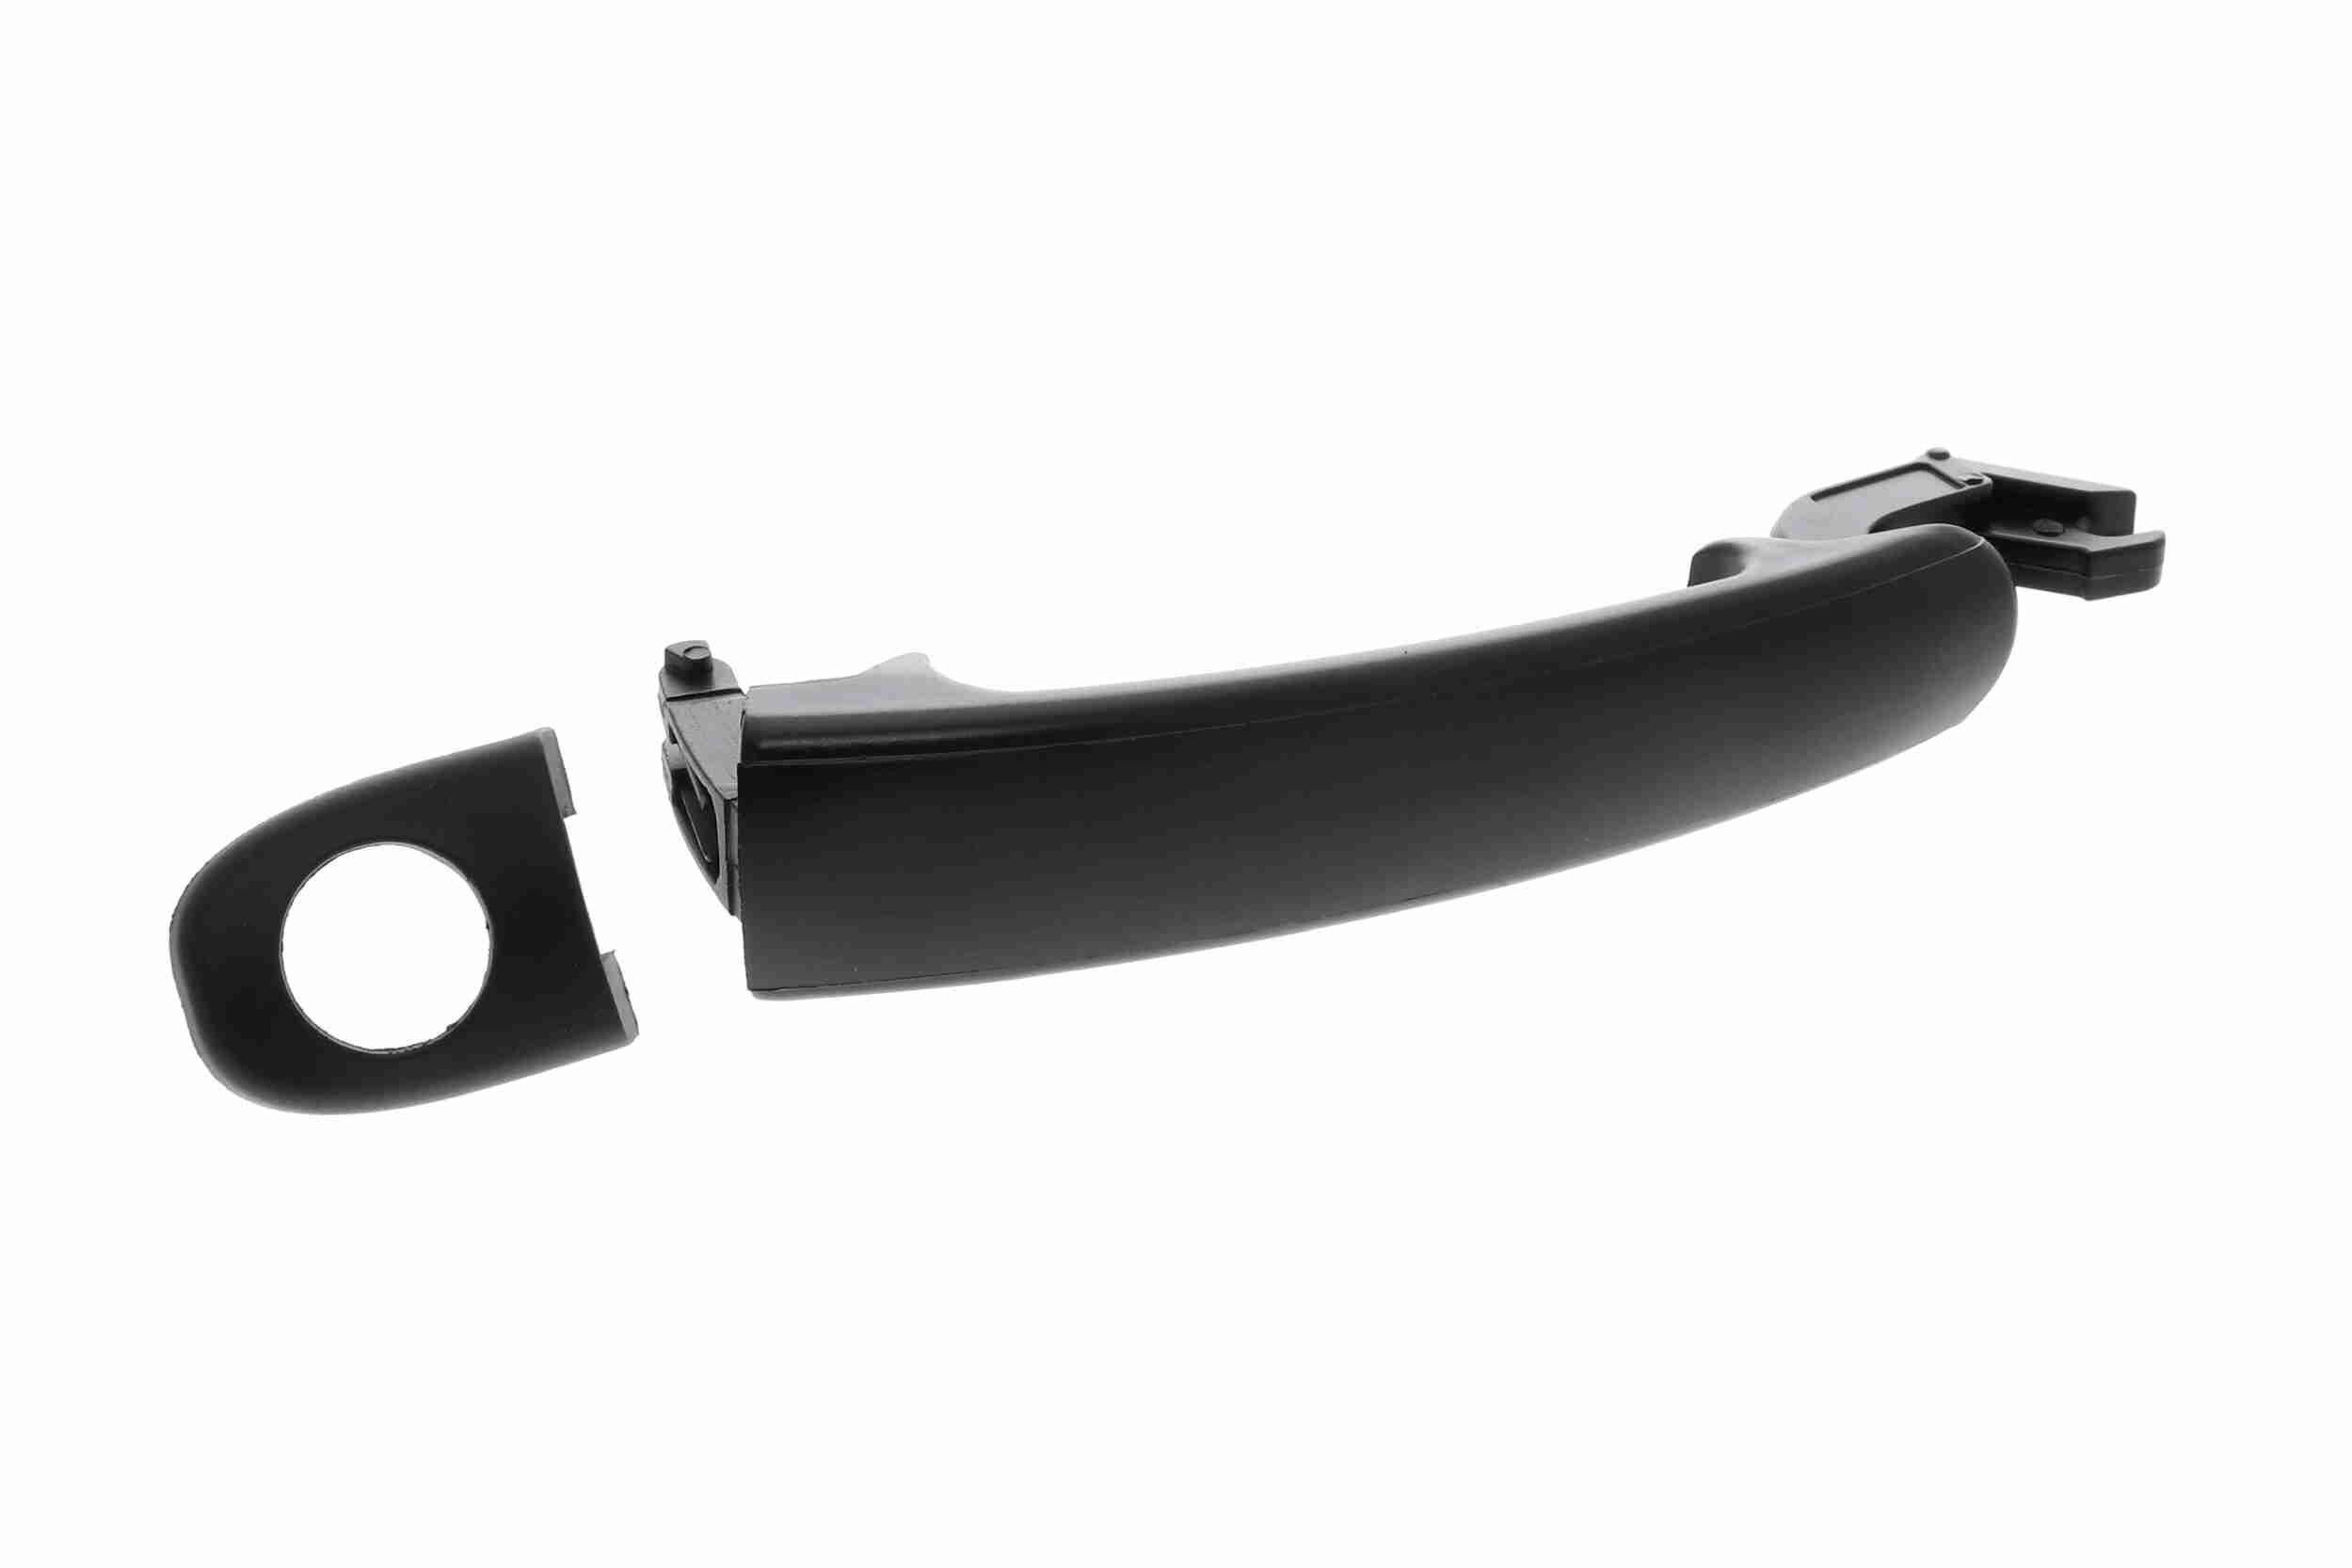 HYUNDAI SONATA 2016 Bremsscheiben - Original VAICO V53-80005 Ø: 280mm, Felge: 5-loch, Bremsscheibendicke: 26mm